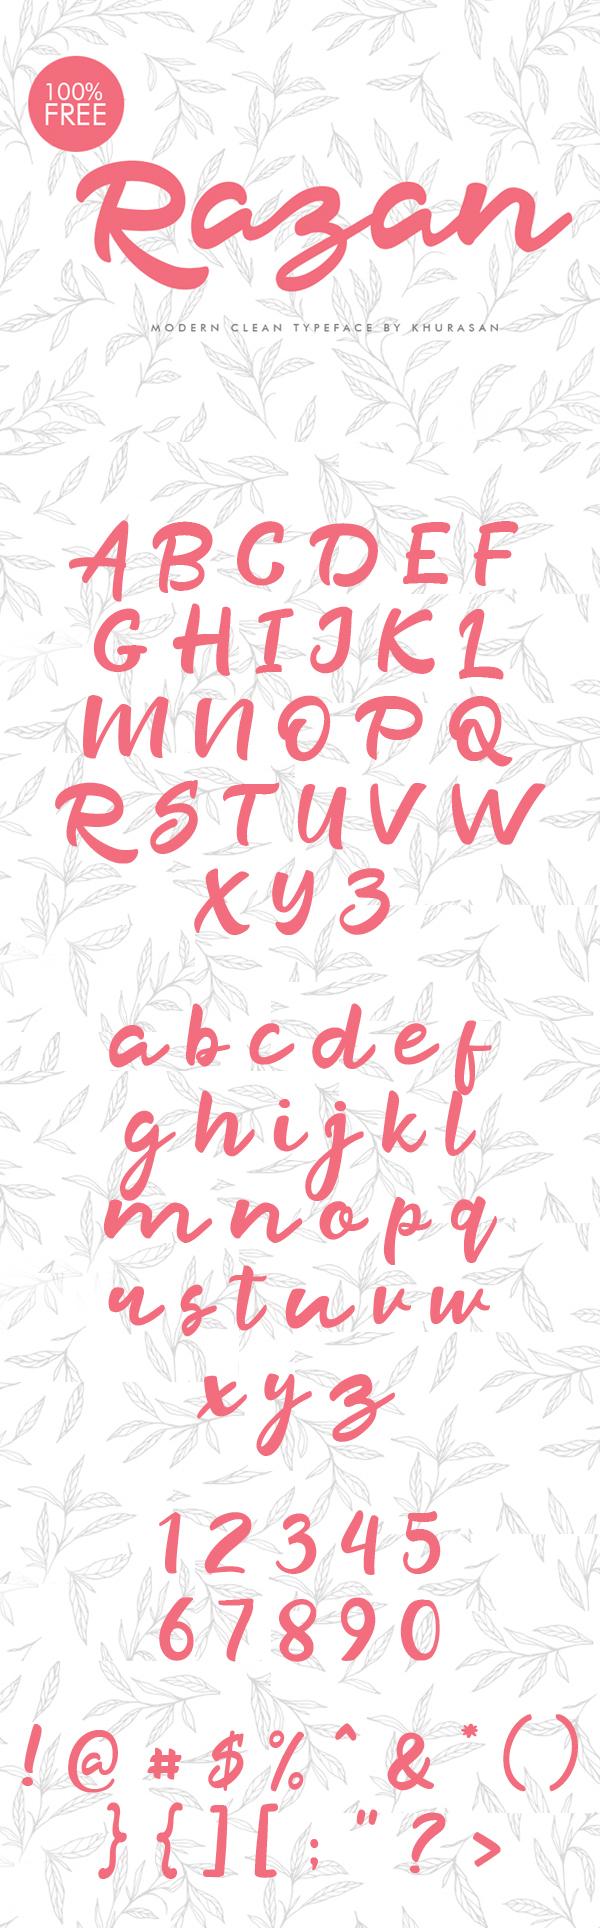 Razan Free Script Font